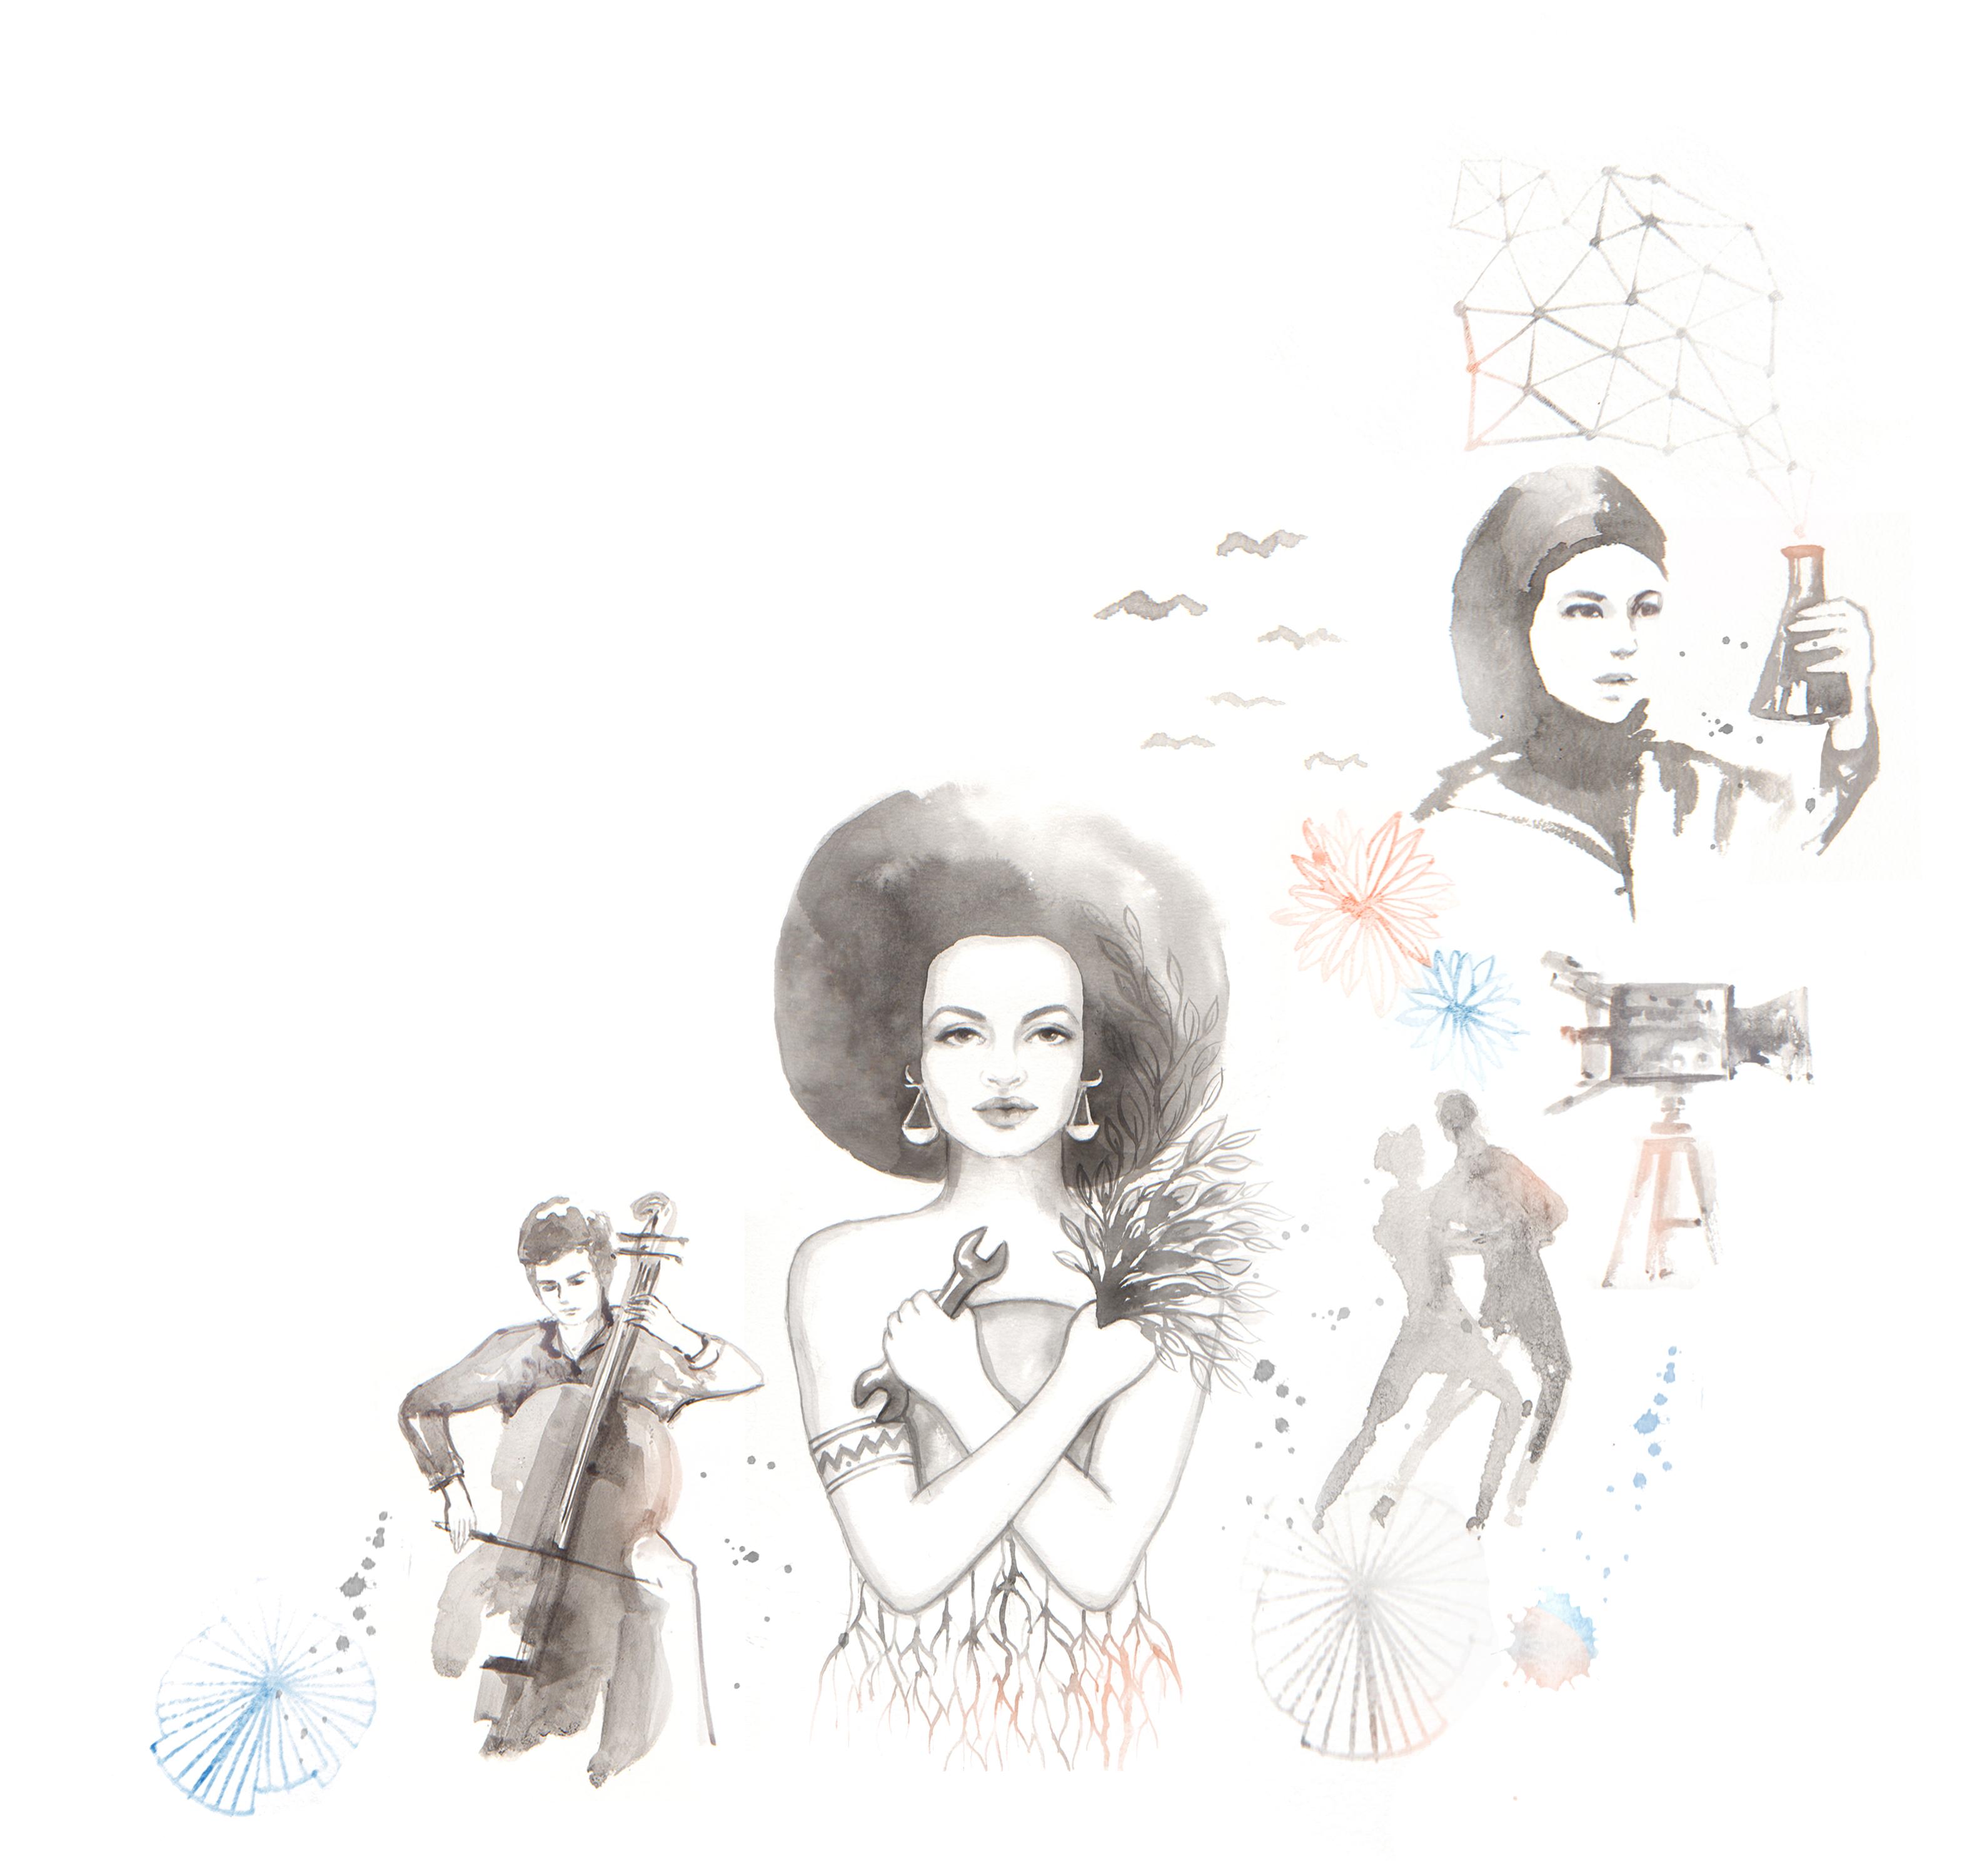 Shuffle Illustration